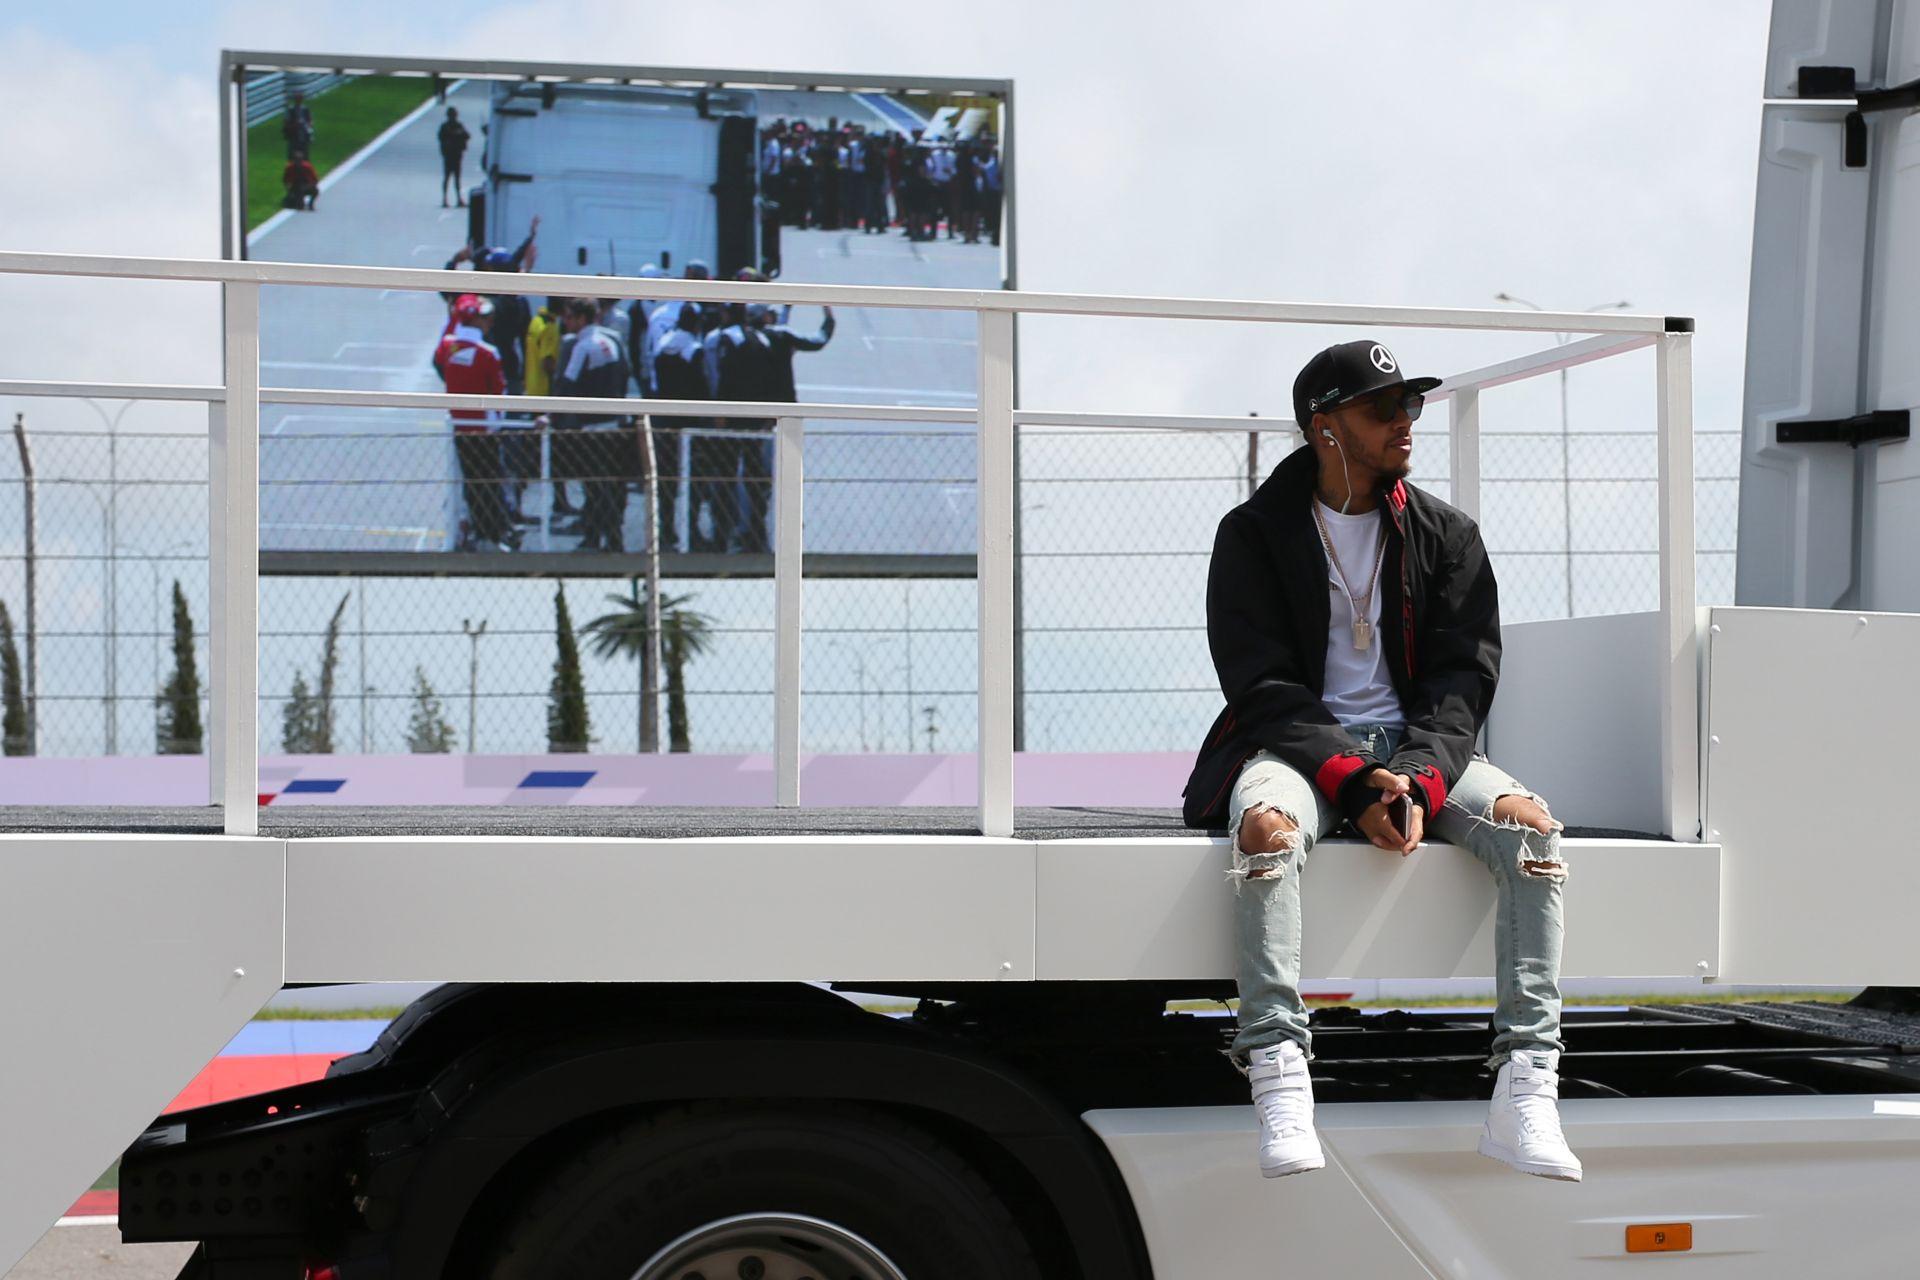 Hamilton új sapkája mindenhol! A brit bajnok egy kis divatot csempészett a Forma-1-be!